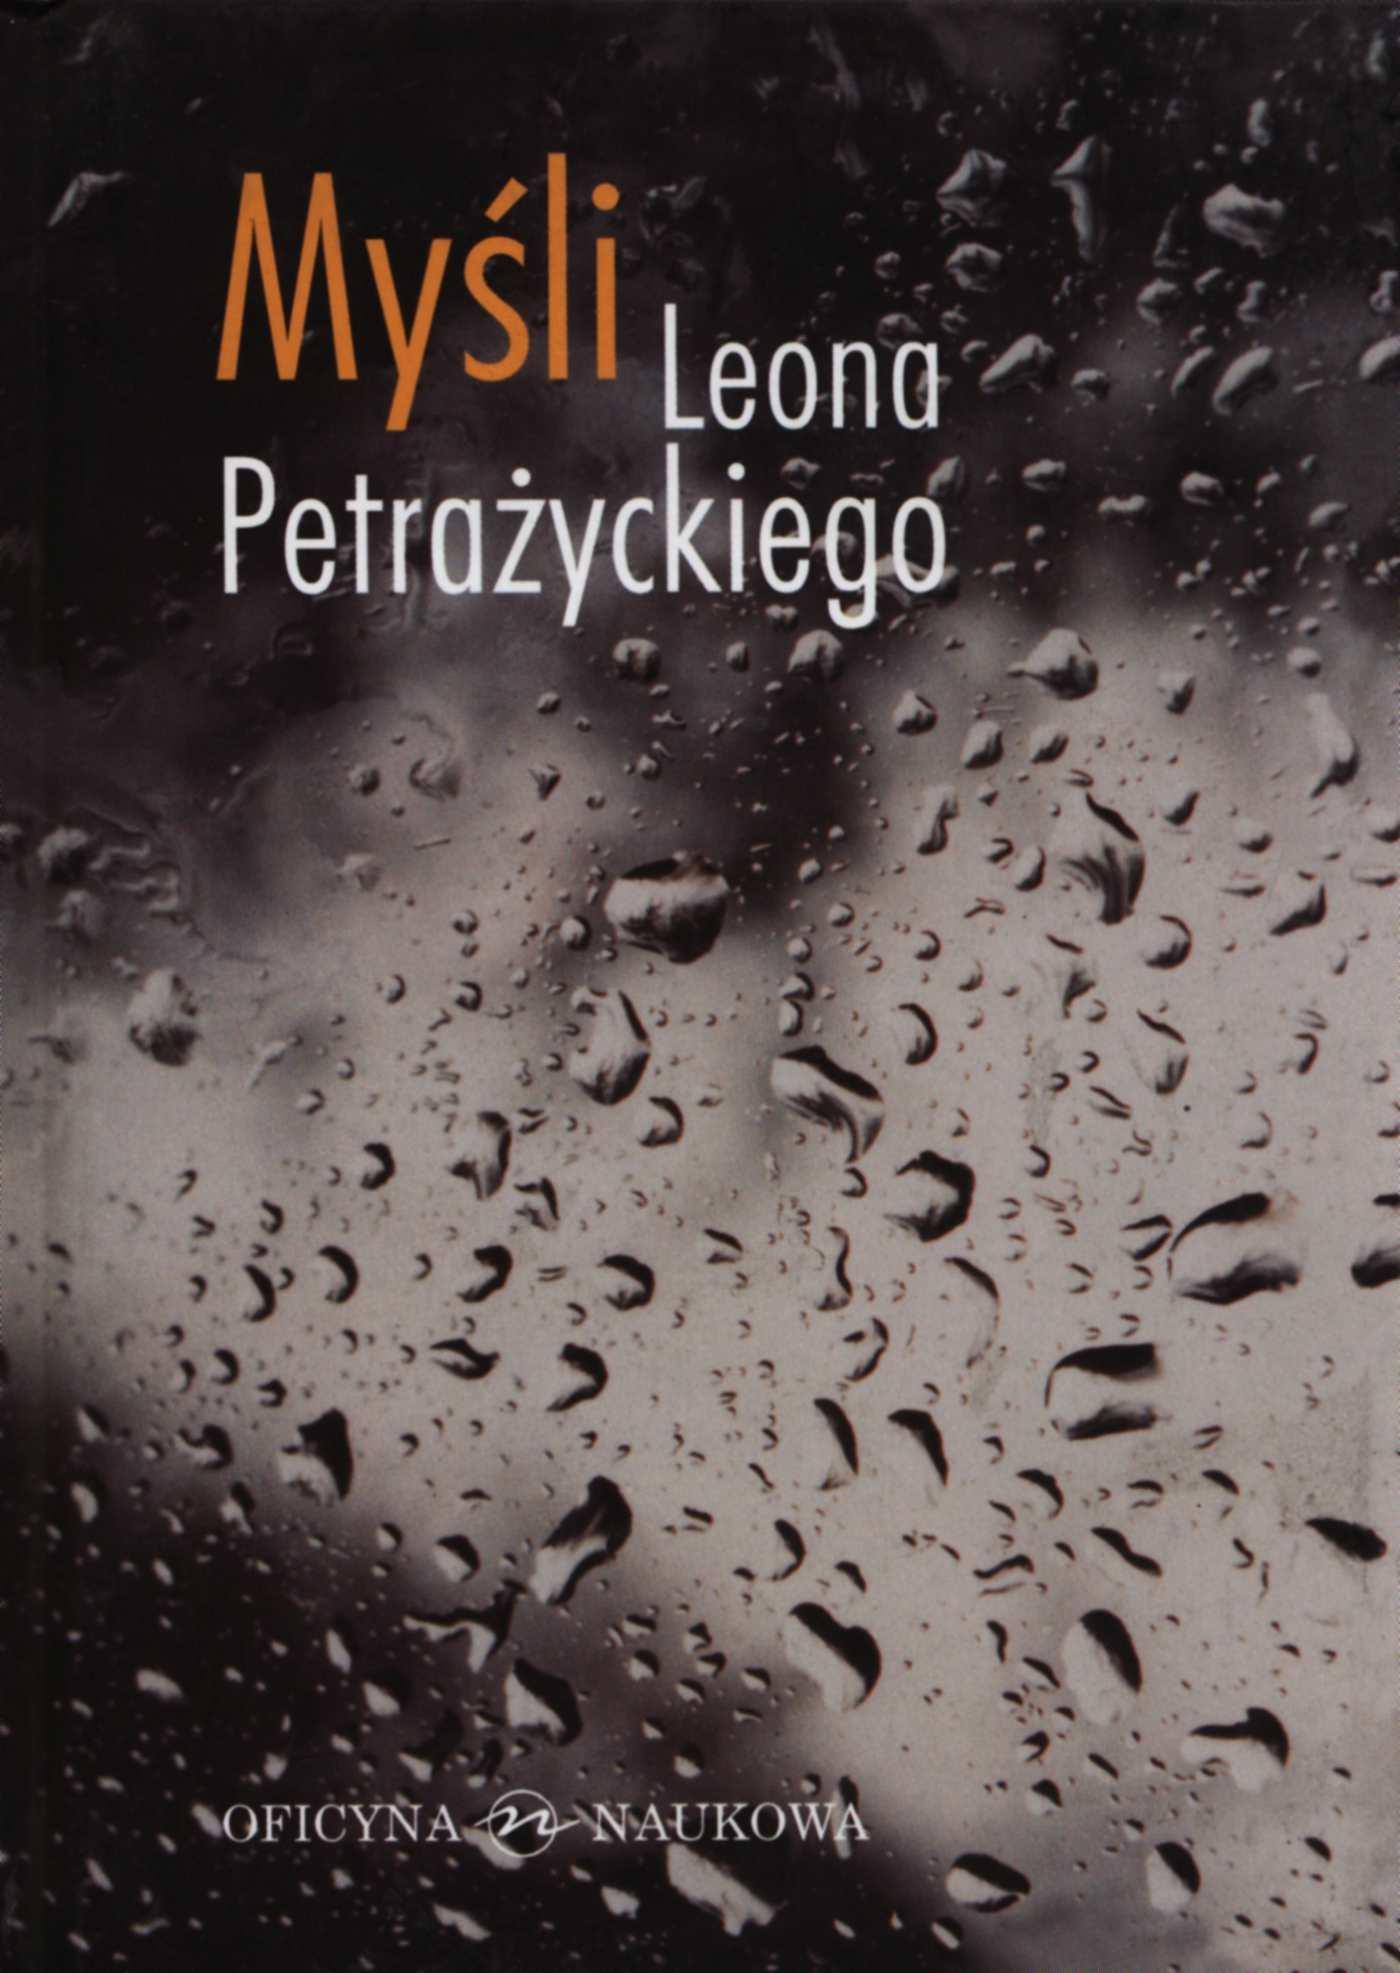 Myśli Leona Petrażnickiego - Ebook (Książka PDF) do pobrania w formacie PDF